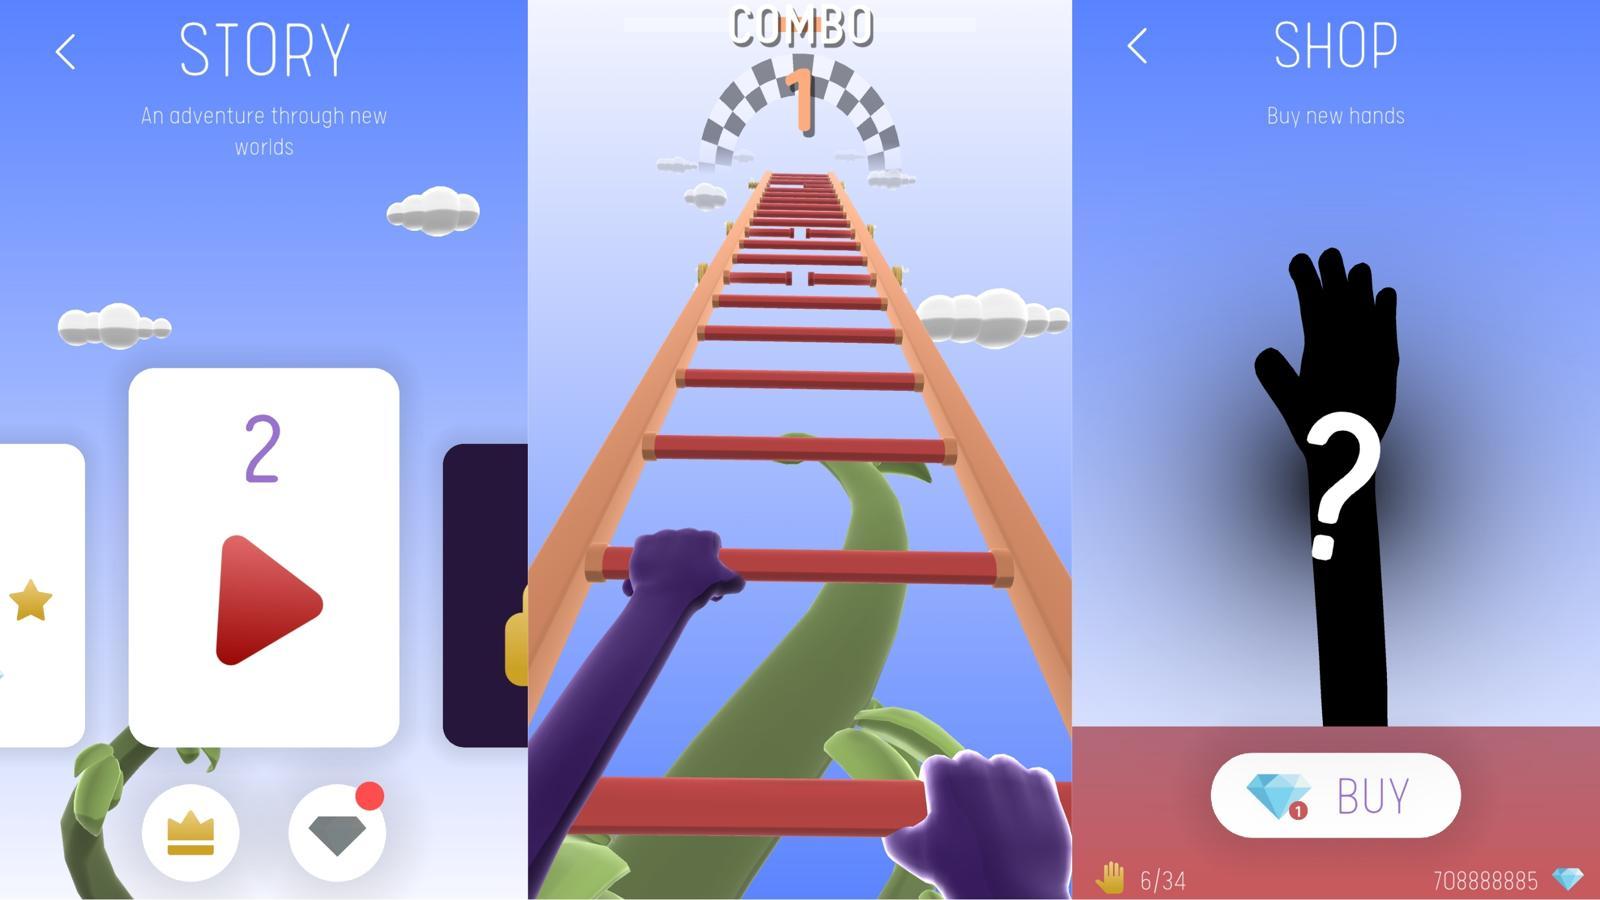 动作闯关游戏 爬上梯子